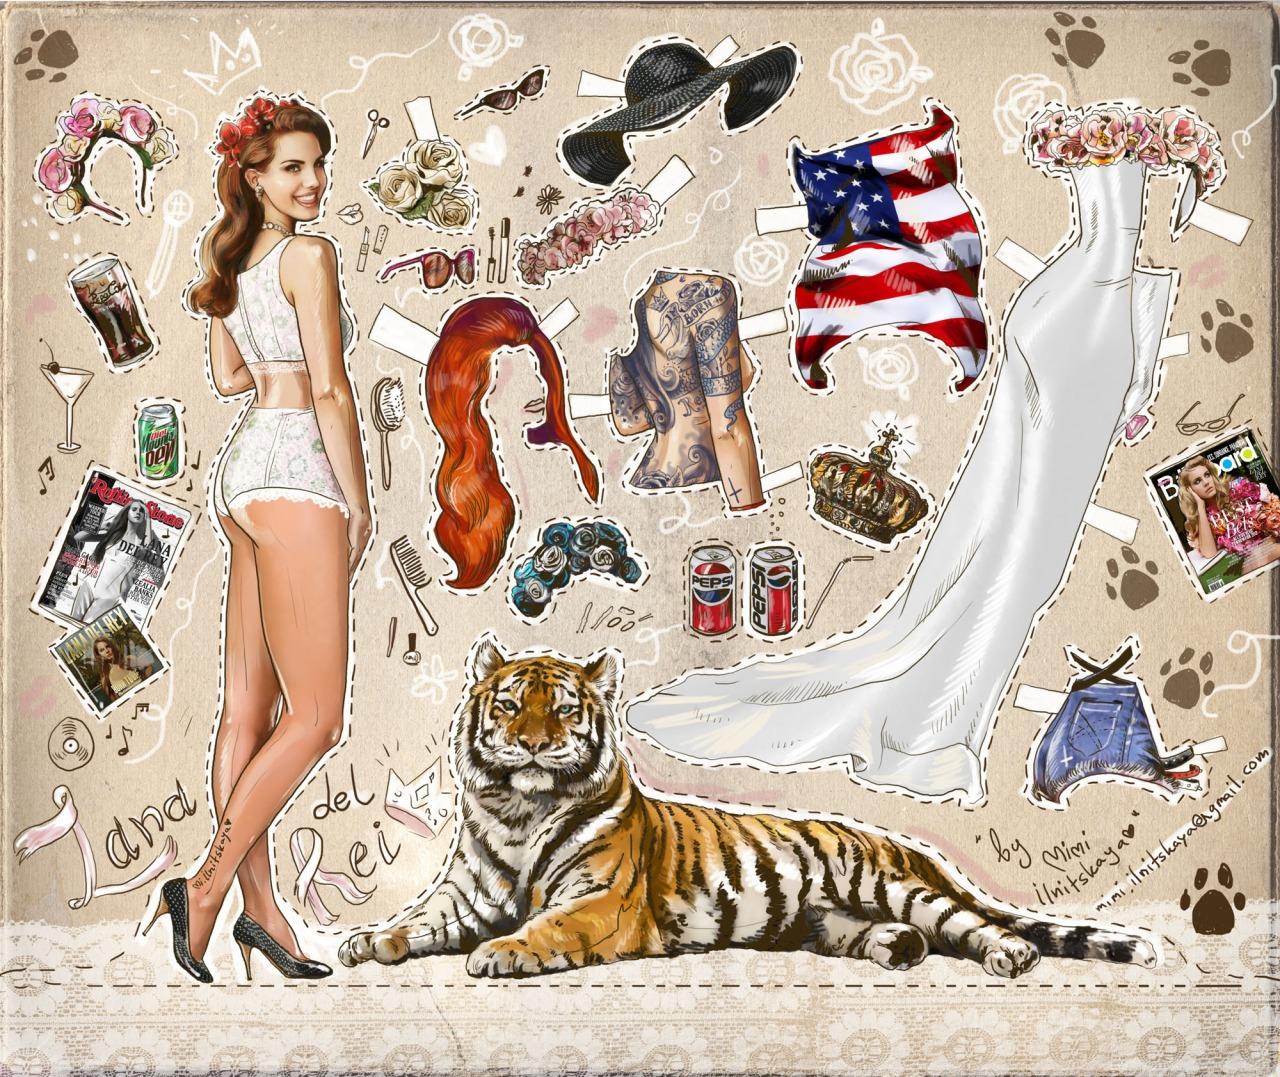 mimi ilnitskaya illustration 10